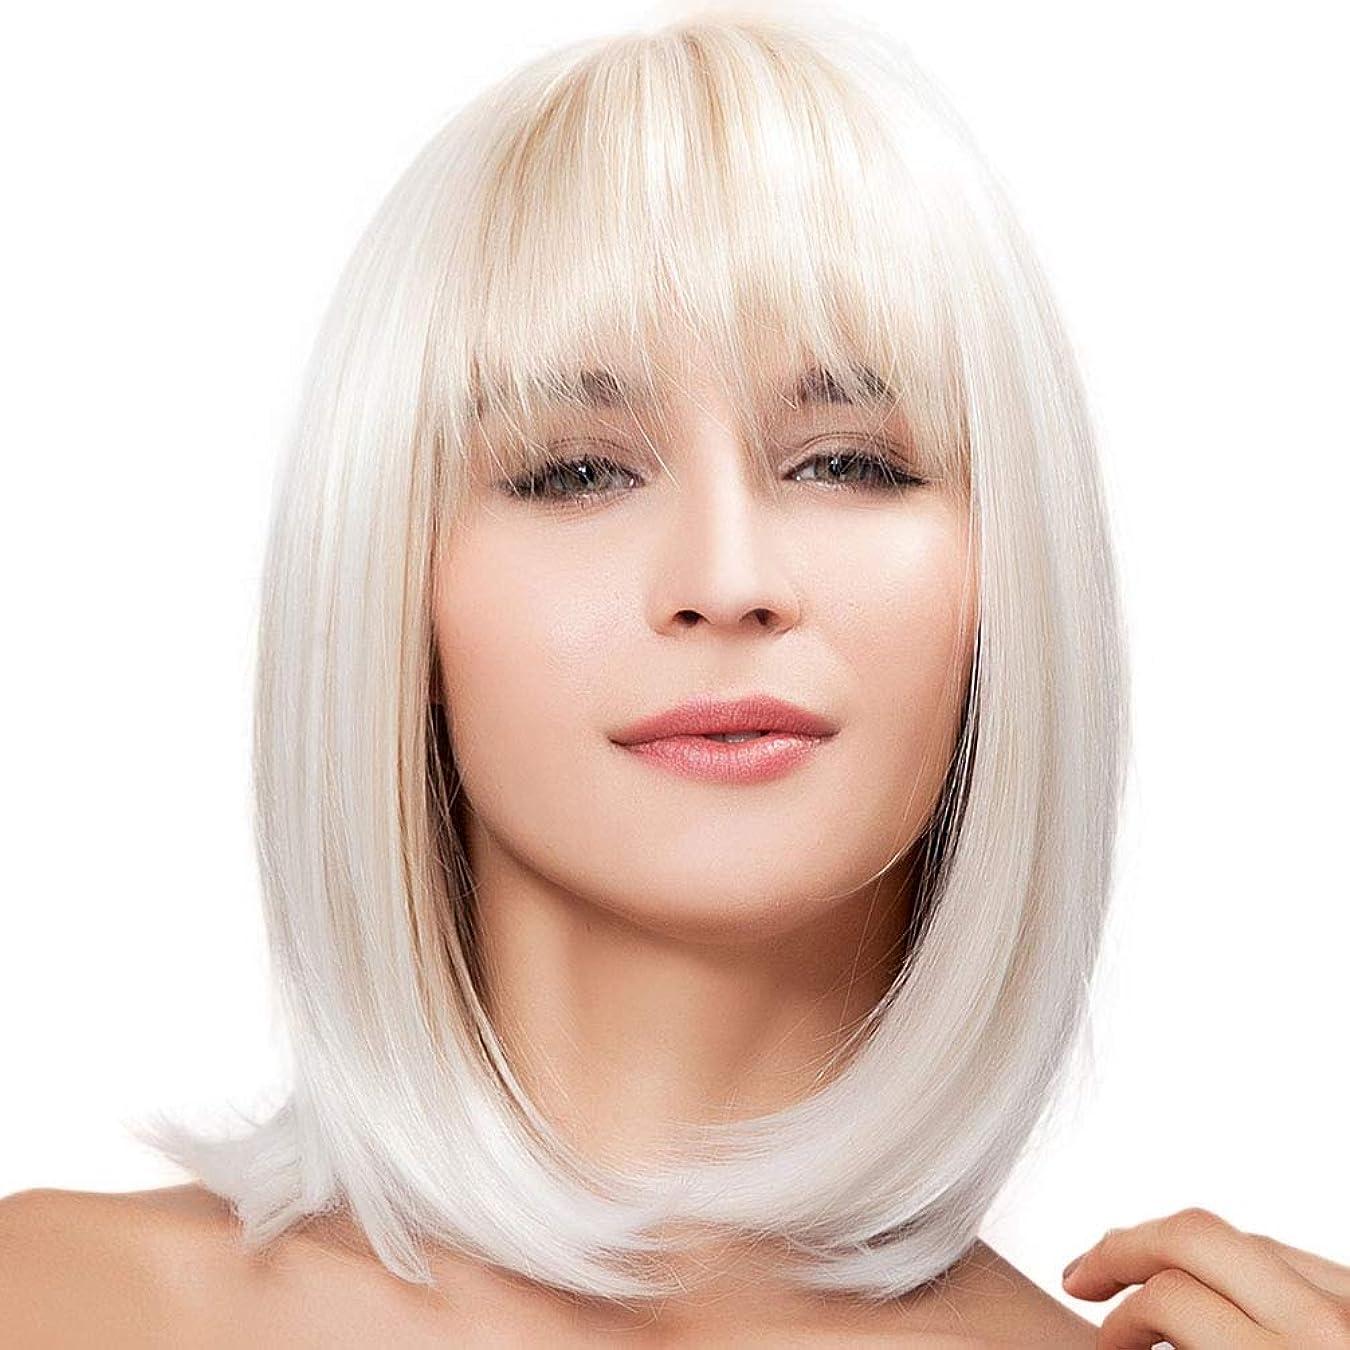 石膏気難しいワイドウィッグショートストレートスーパーナチュラル女性のボブスタイルストレートブロンド耐熱髪用女性